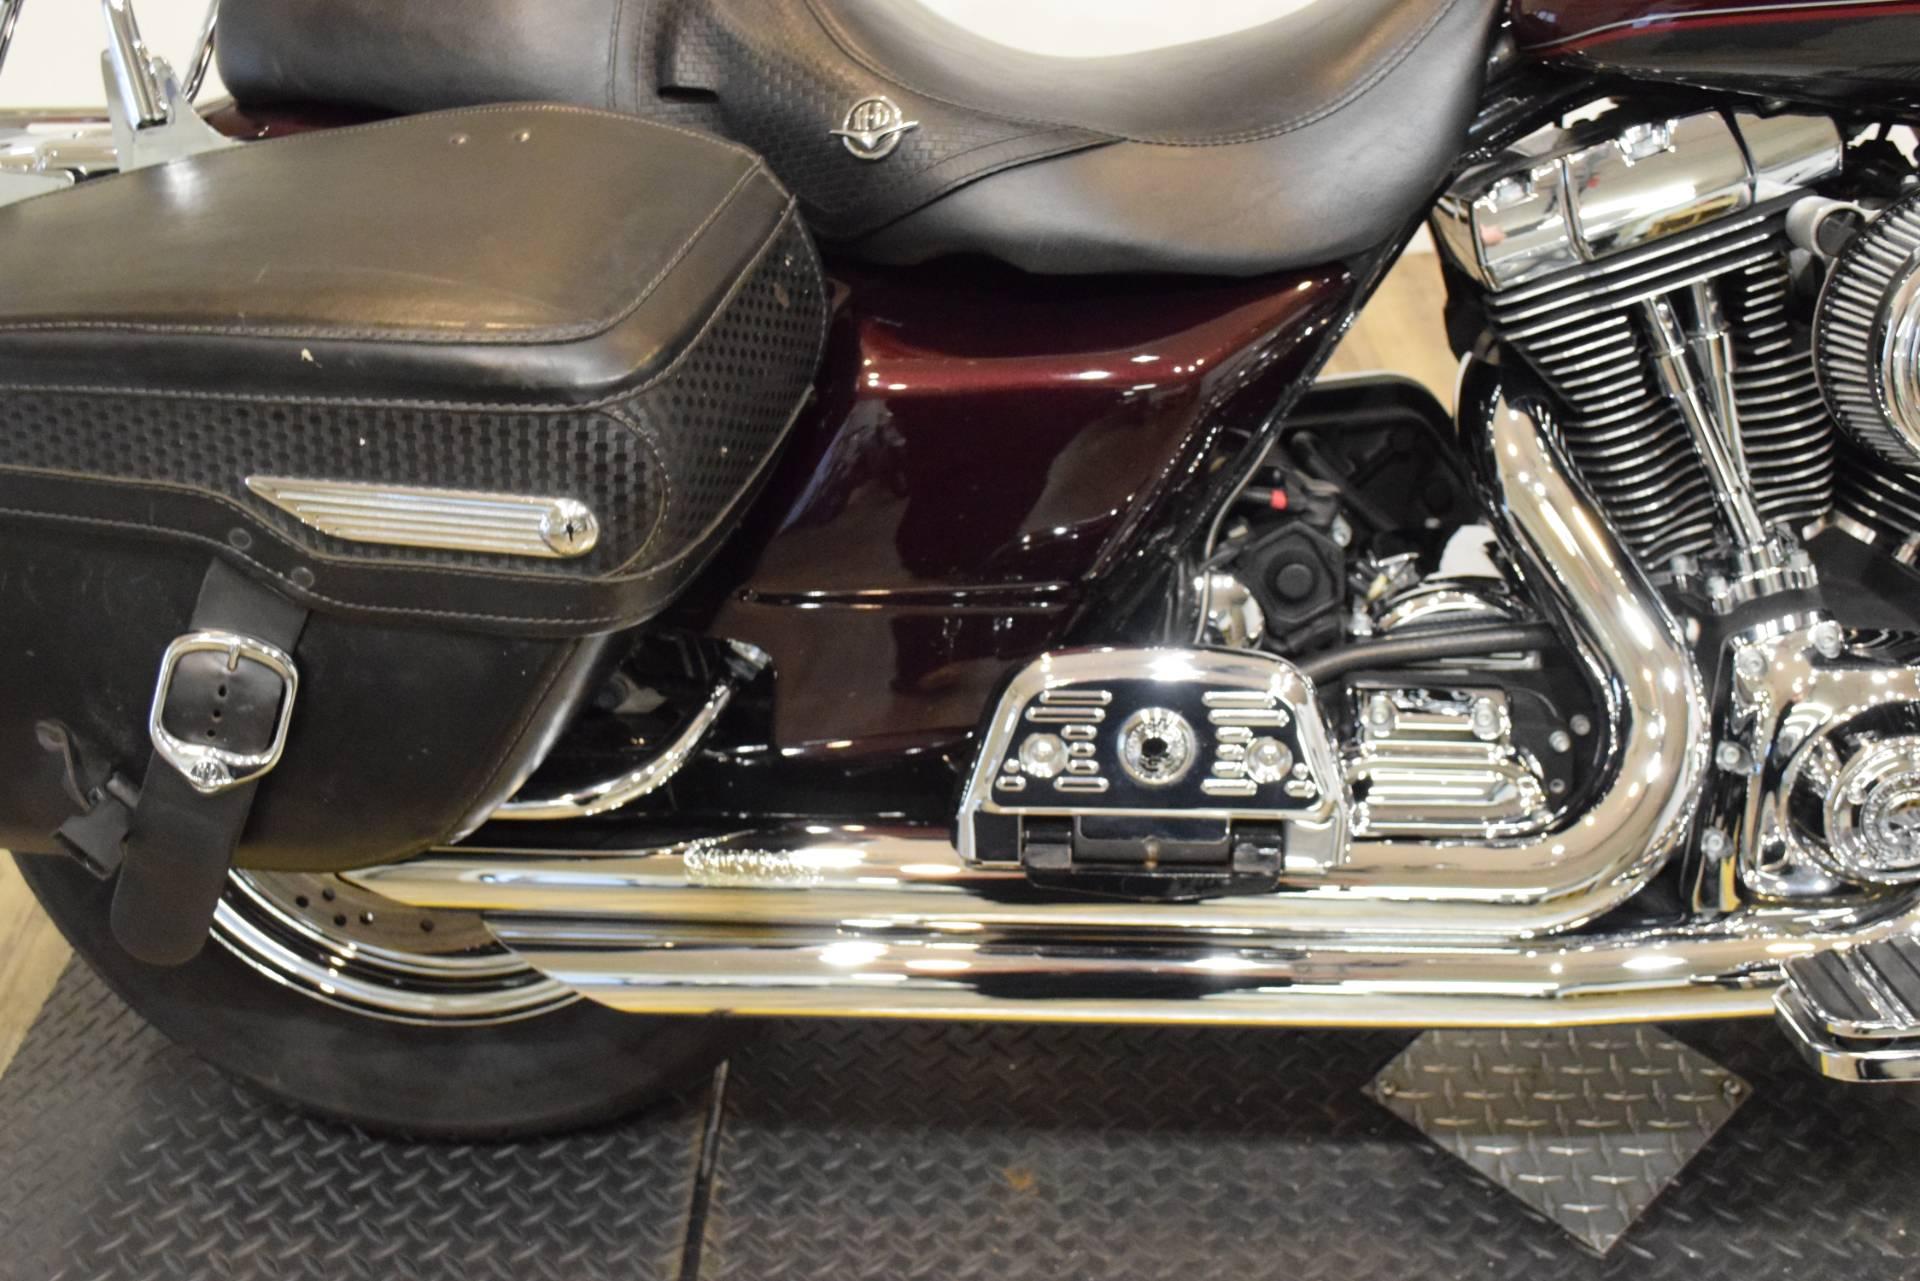 2005 Harley-Davidson FLHRS/FLHRSI Road King Custom 6